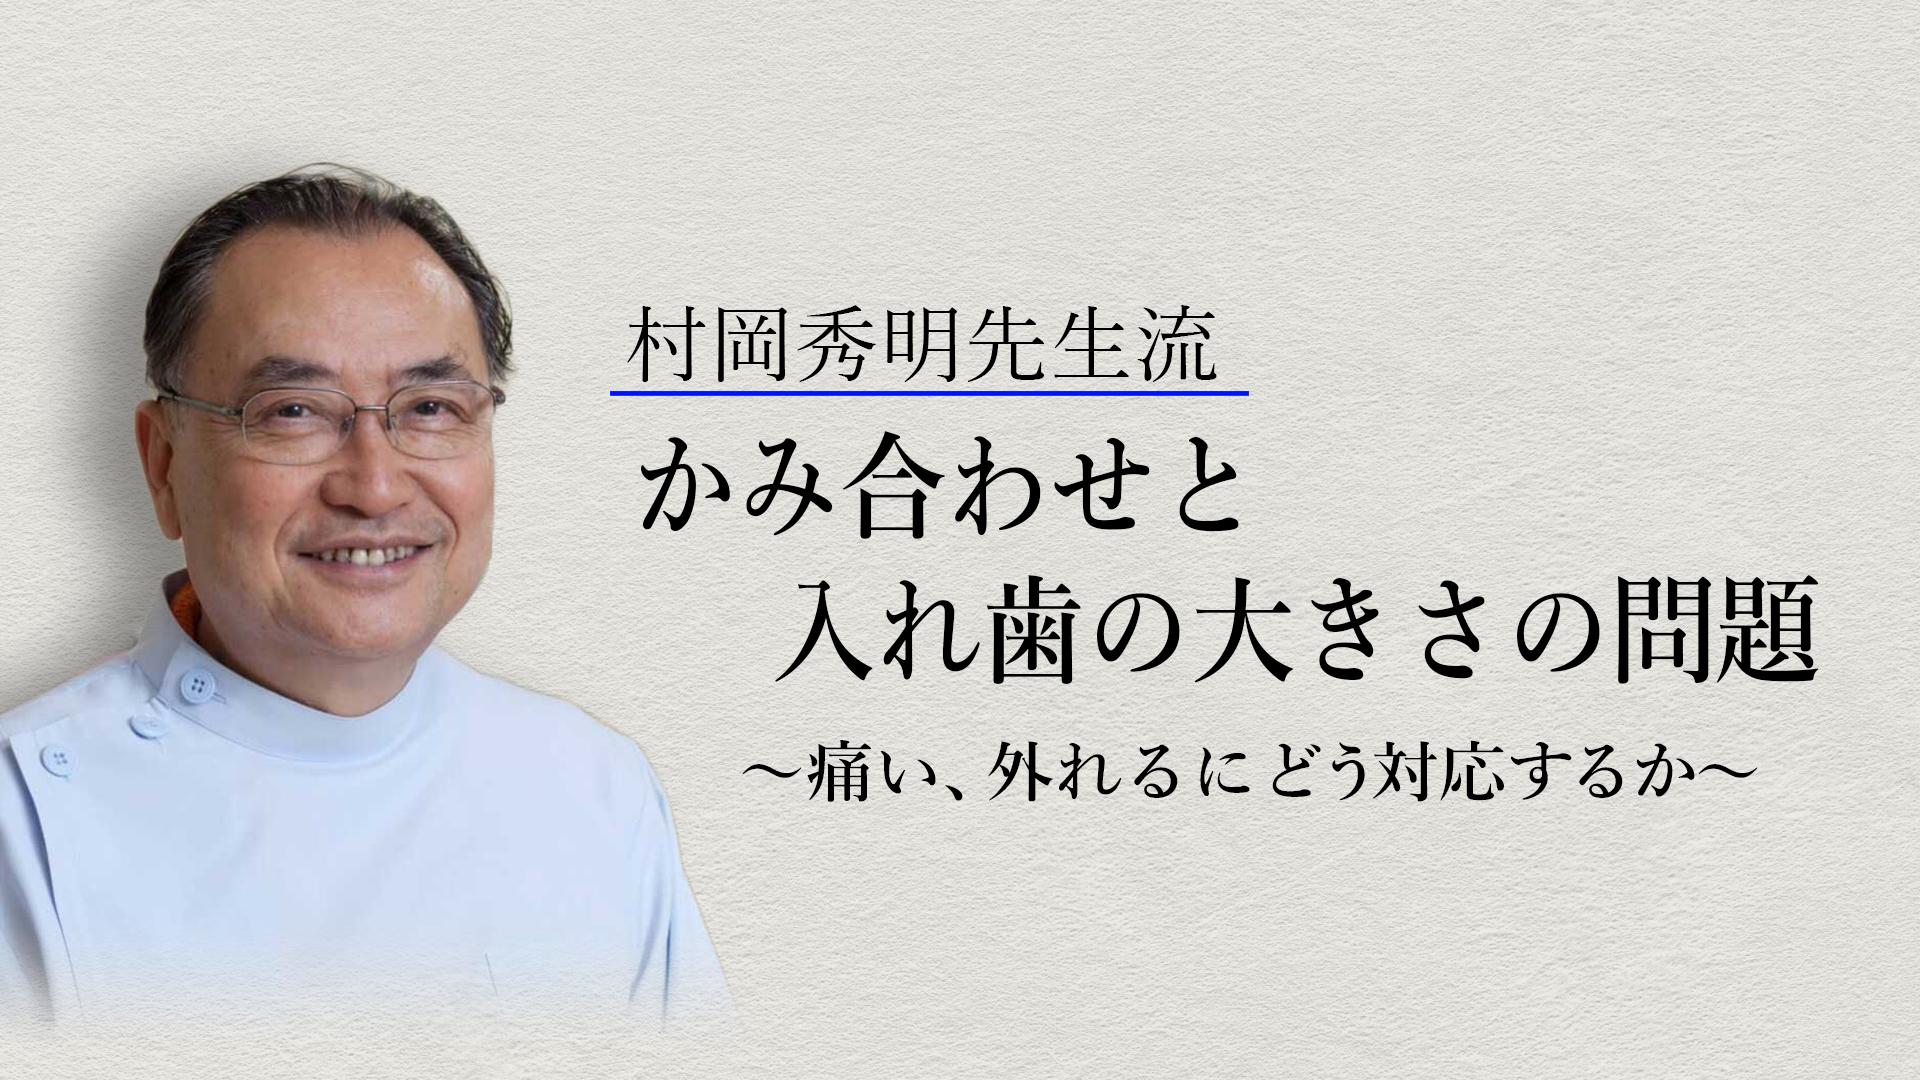 村岡秀明先生流「かみ合わせと入れ歯の大きさの問題」~痛い、外れるに どう対応するか~